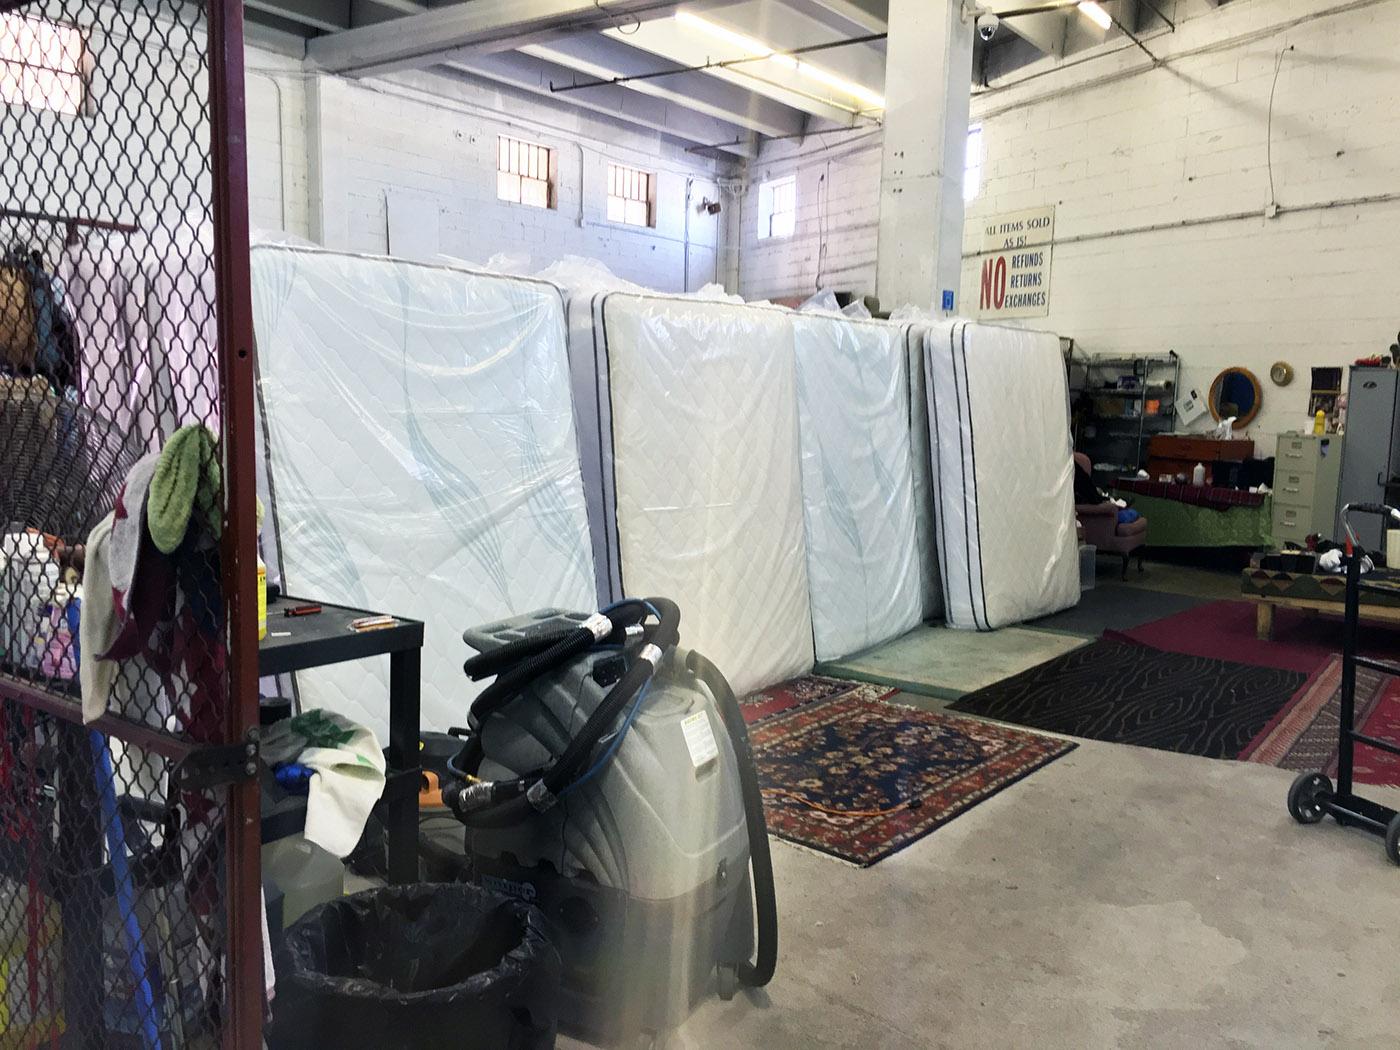 Storeroom - Materess Refurbishing Center